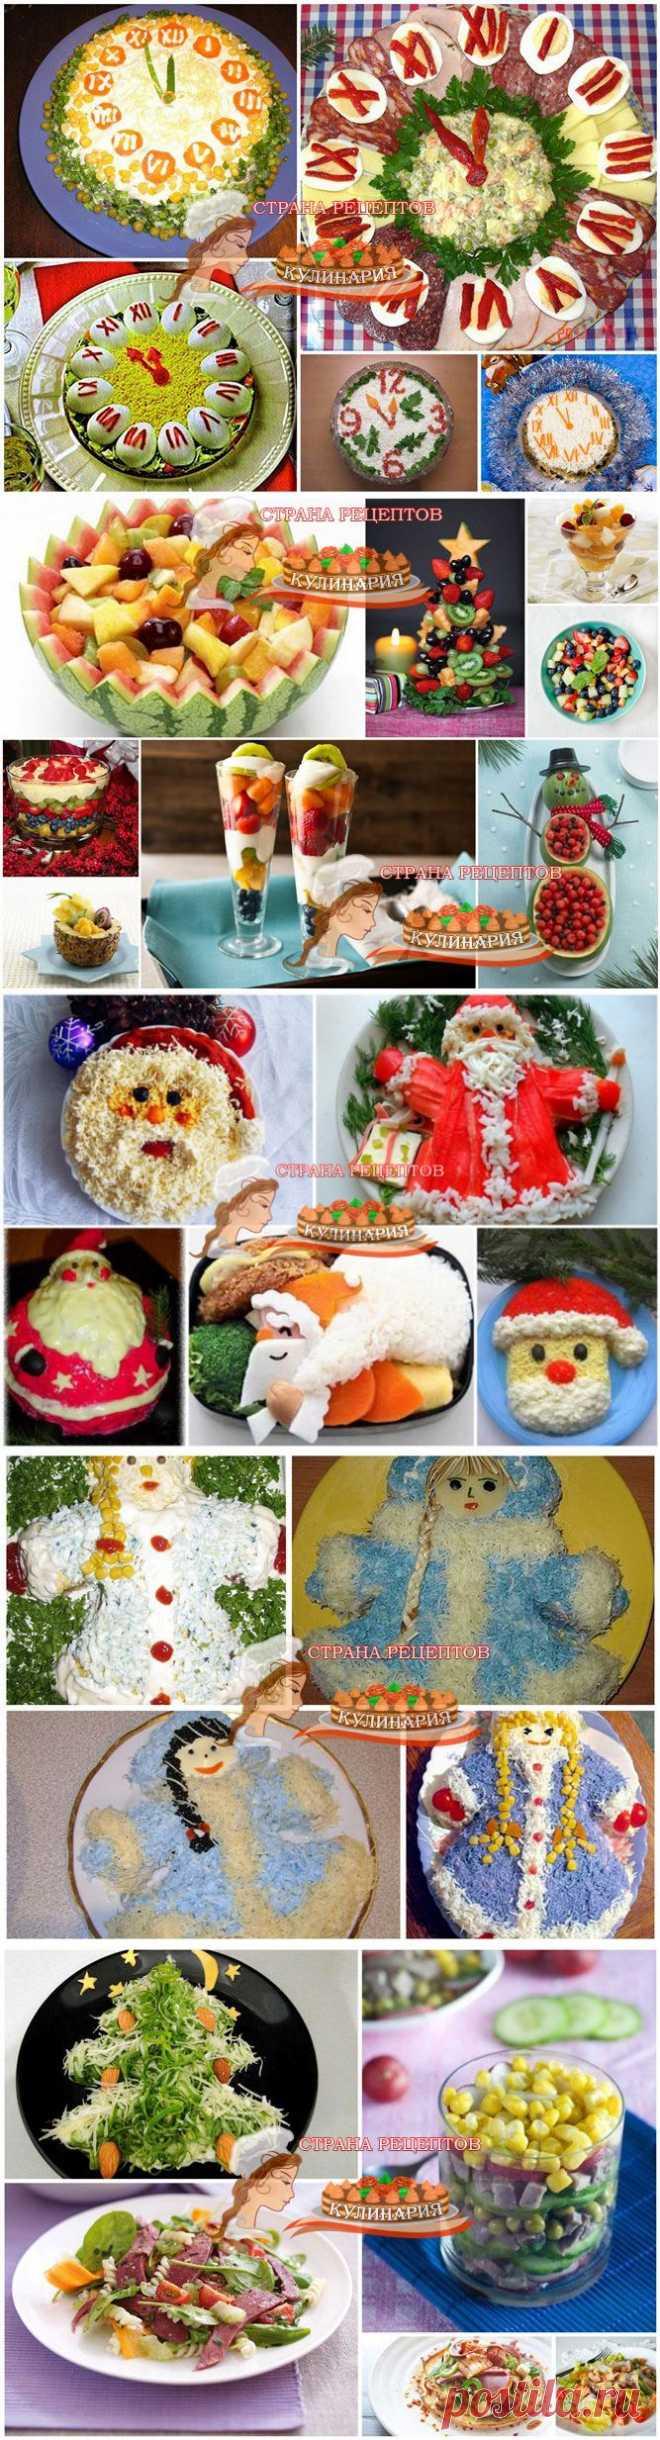 Салаты на новый 2014 год - рецепты с фото